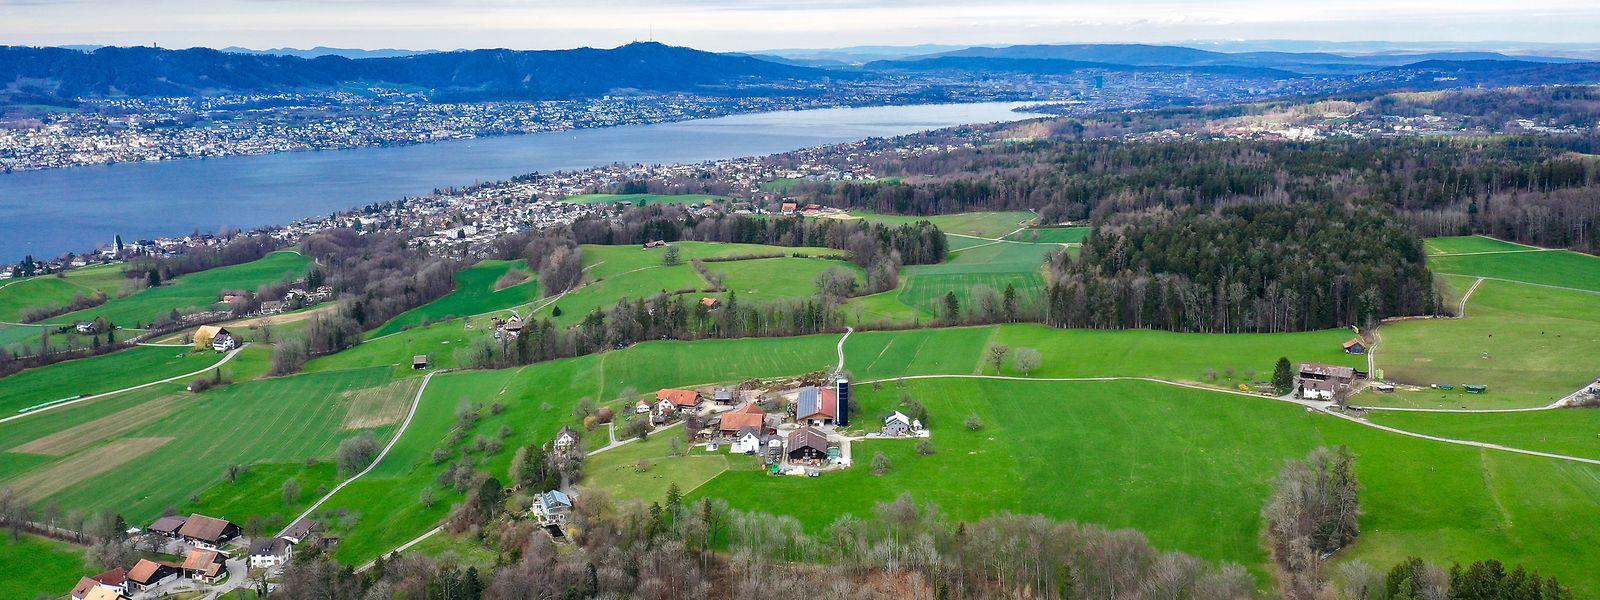 An der Ostseite des Zürichsees, der sogenannten Goldküste, haben sich nicht nur Prominente wie Tina Turner niedergelassen. Hier finden sich auch Entzugskliniken für gut betuchte VIPs.